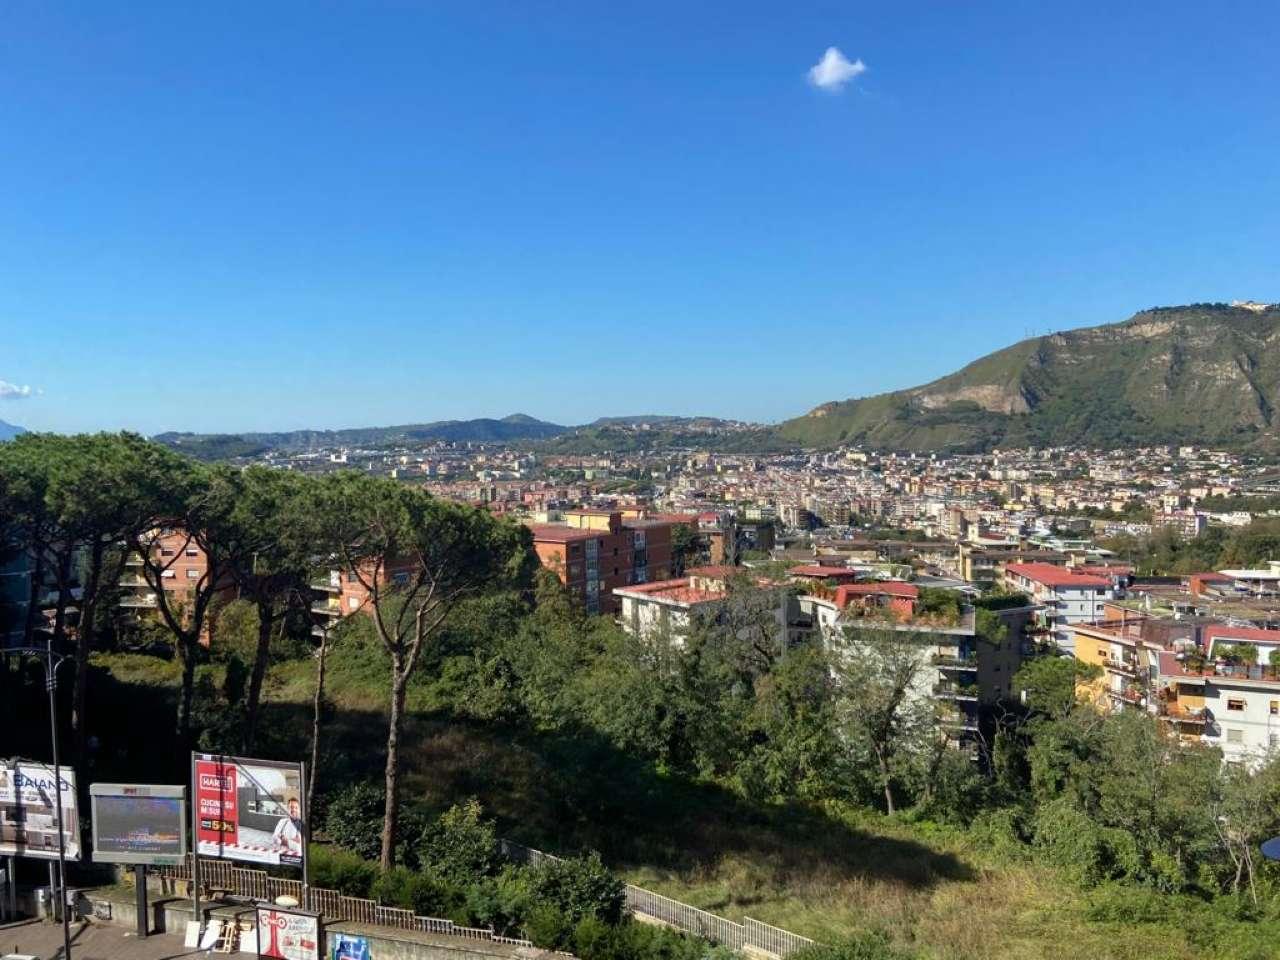 Appartamento, Via Francesco Cilea, Zona Vomero, Napoli, foto 0